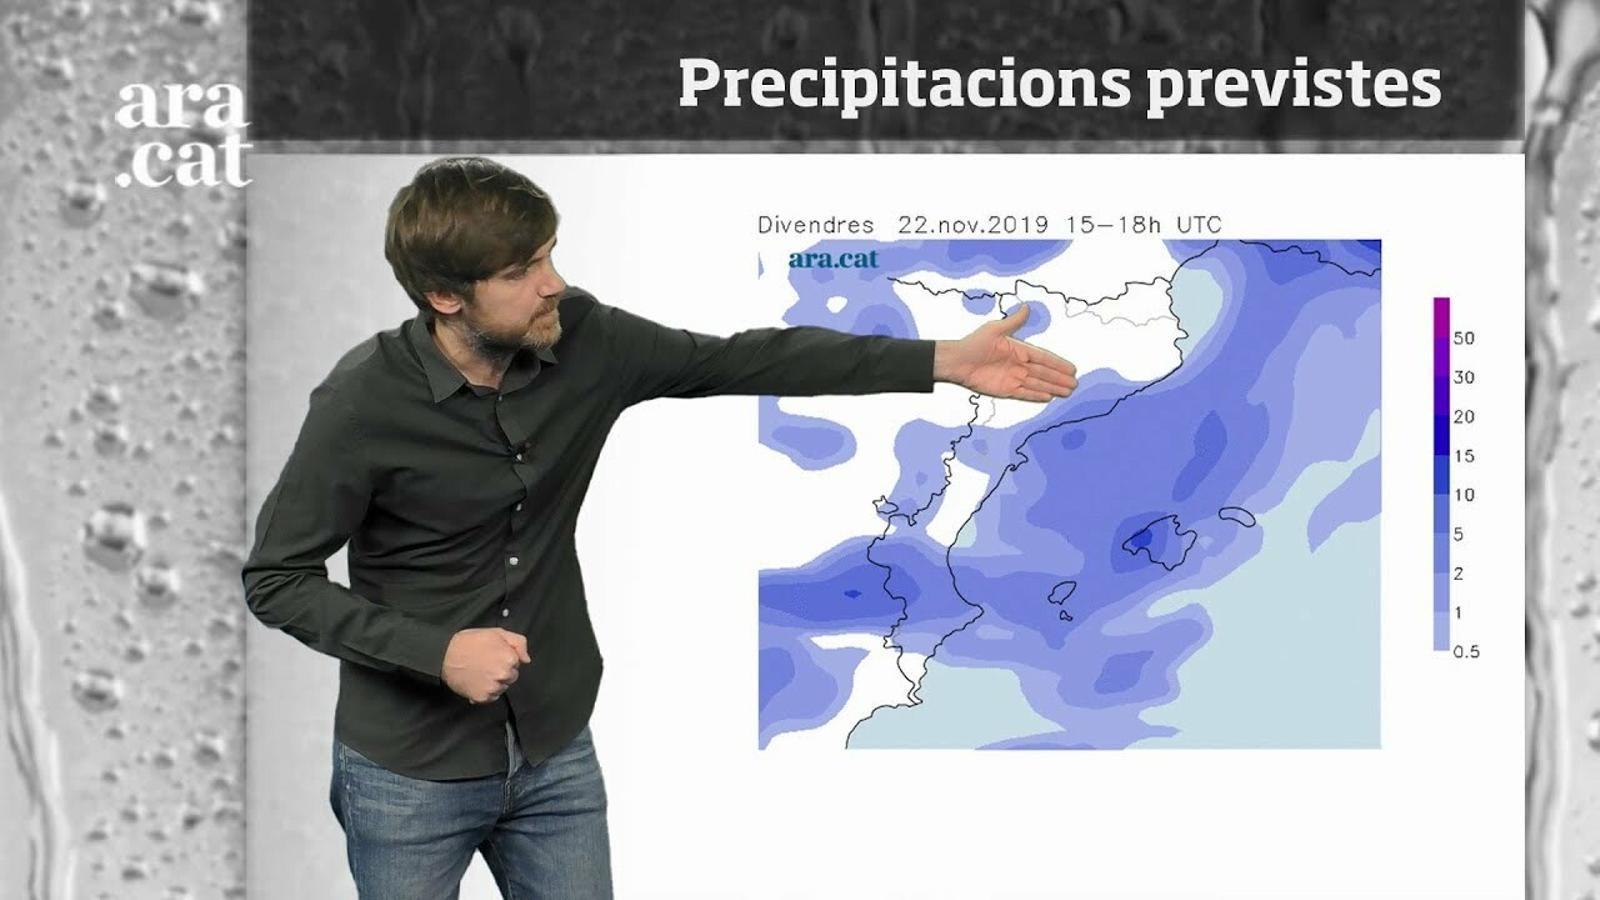 La méteo en 1 minut: fred encara molt d'hivern a l'espera de noves pluges